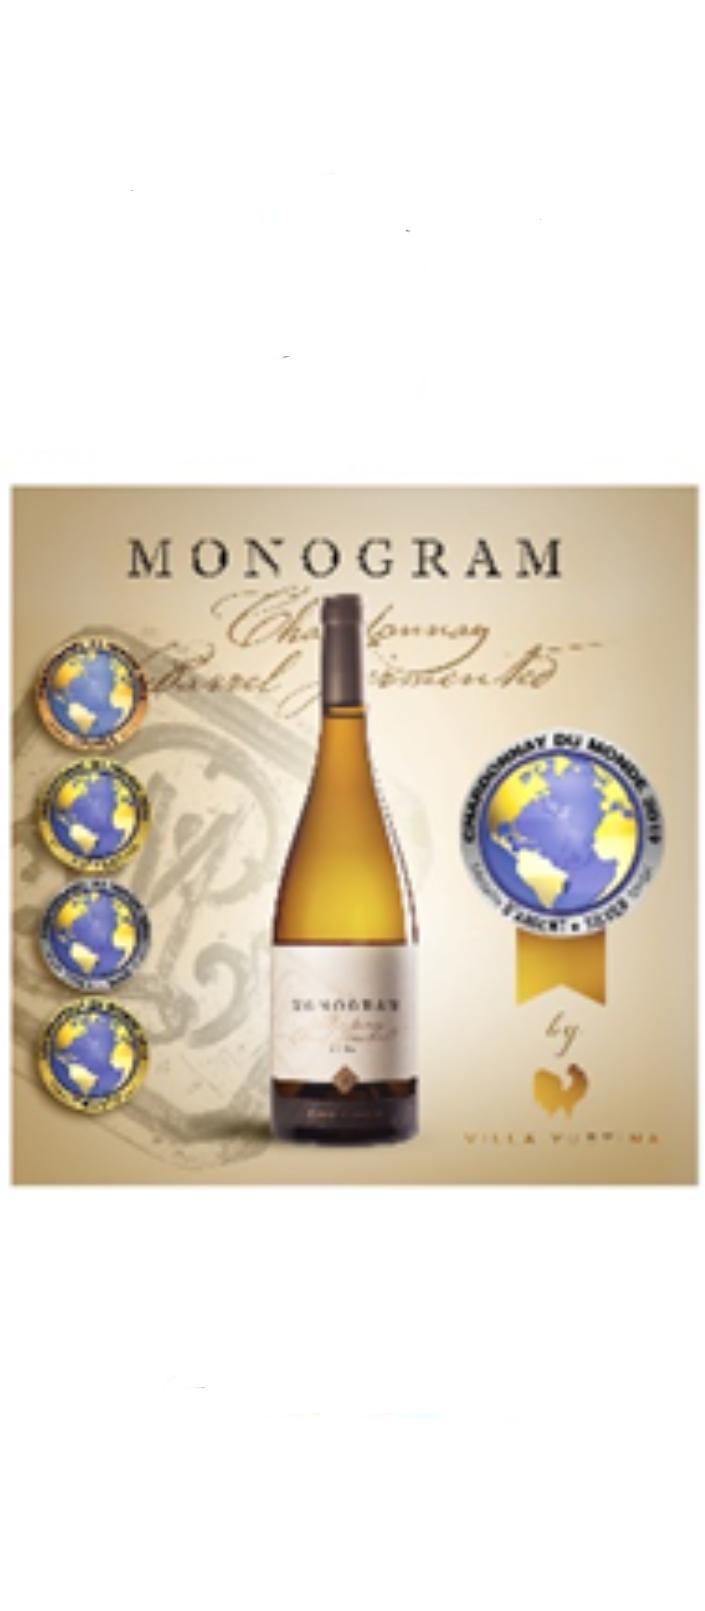 Monogram Chardonnay Barrel Fermented 2018